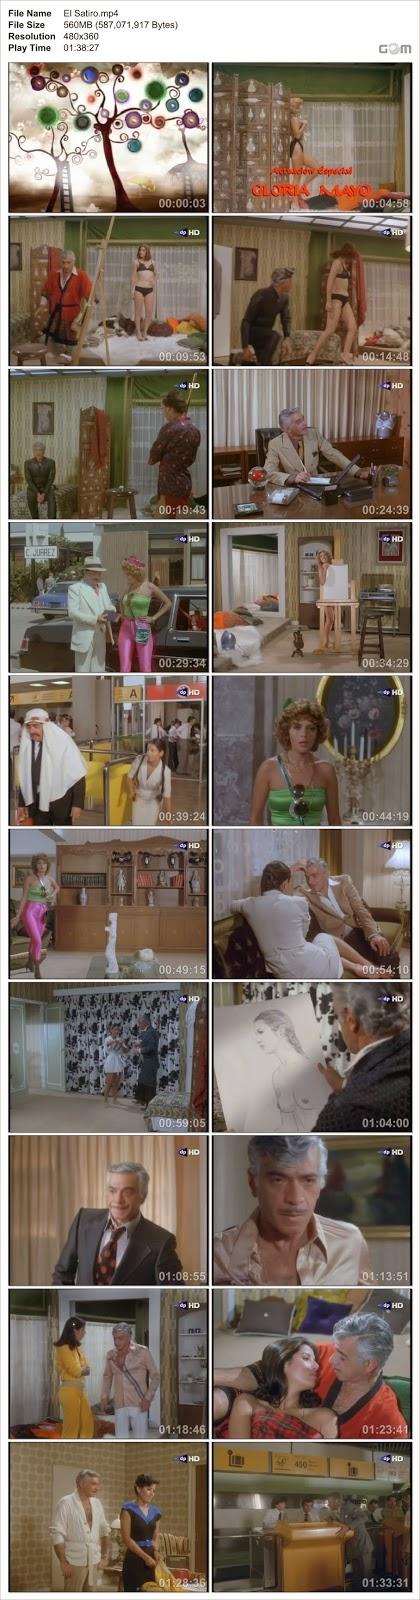 Descarga Peliculas Mexicanas Mauricio Garces El Satiro DVDRip 1980